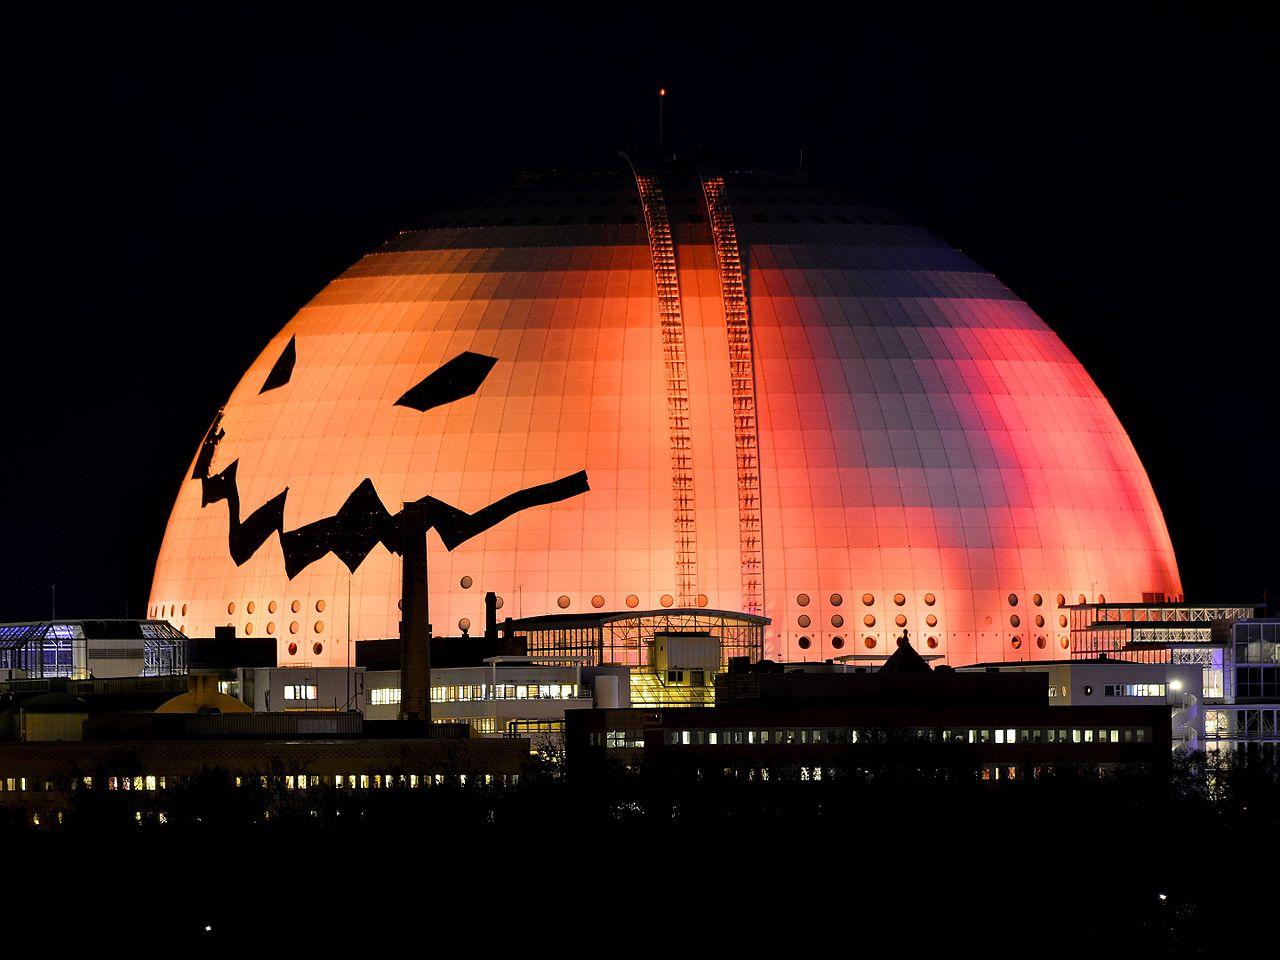 Глобен-Арена, Хеллоуин